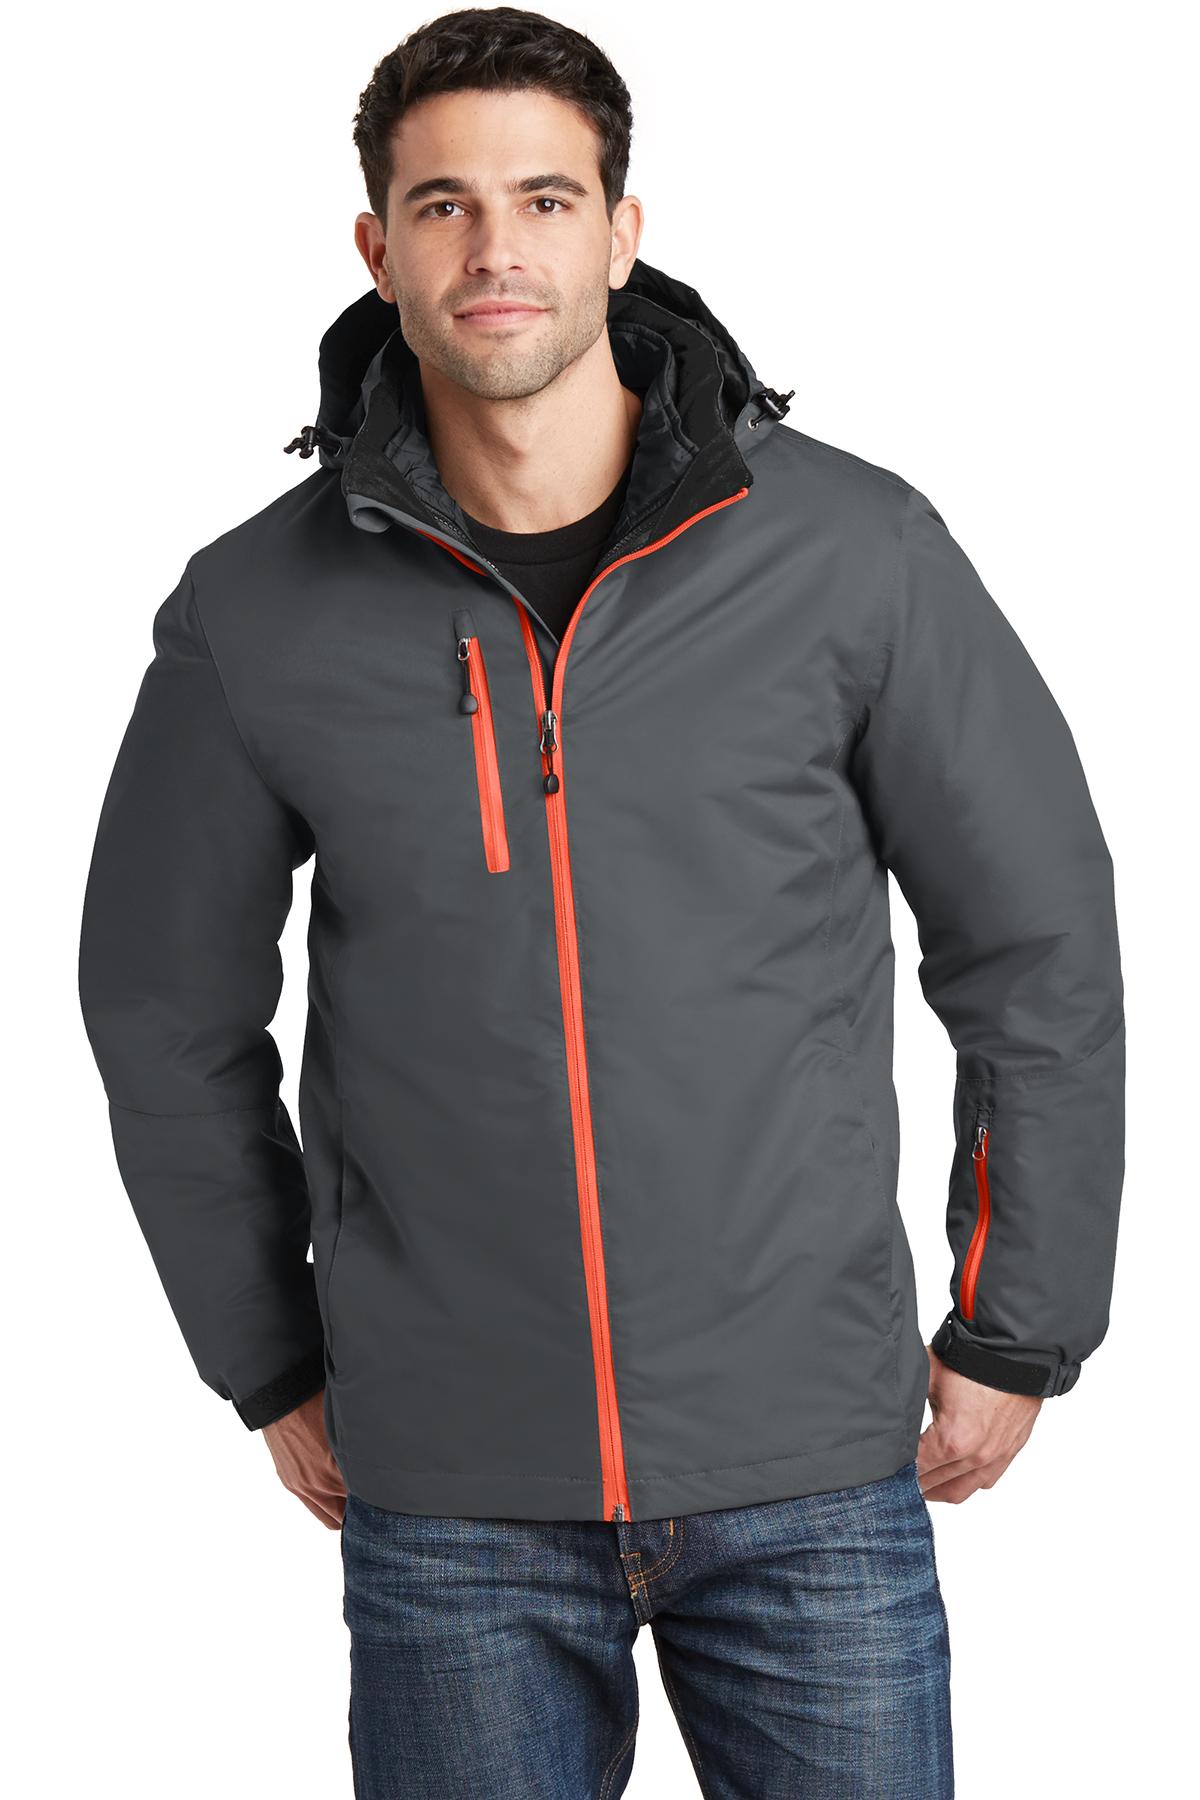 3385676f92c Port Authority® Vortex Waterproof 3-in-1 Jacket